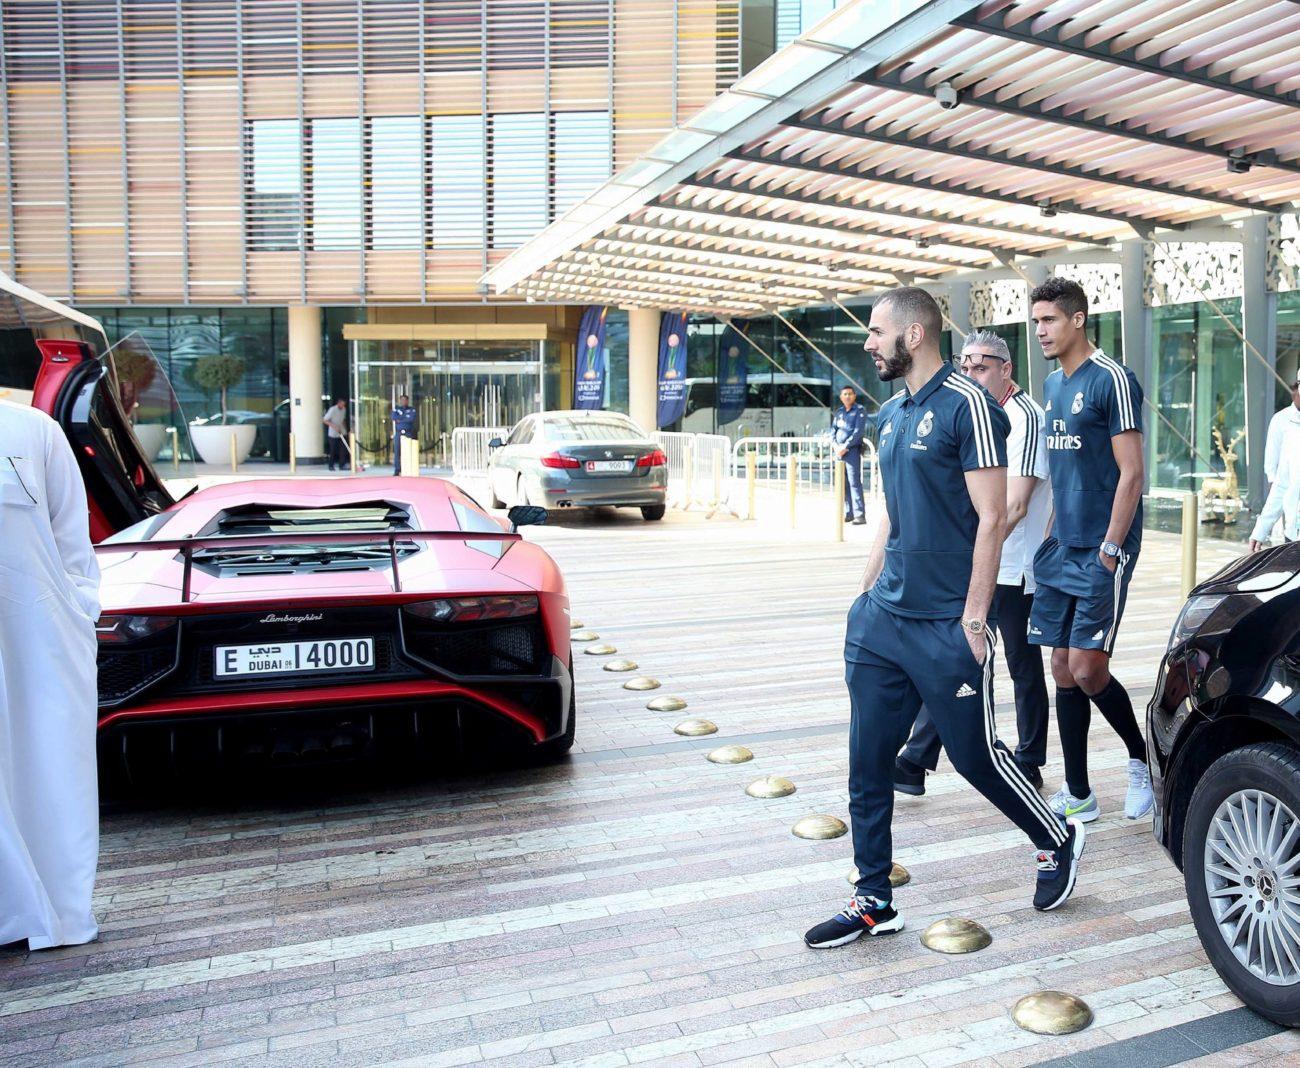 Benzema and Varane